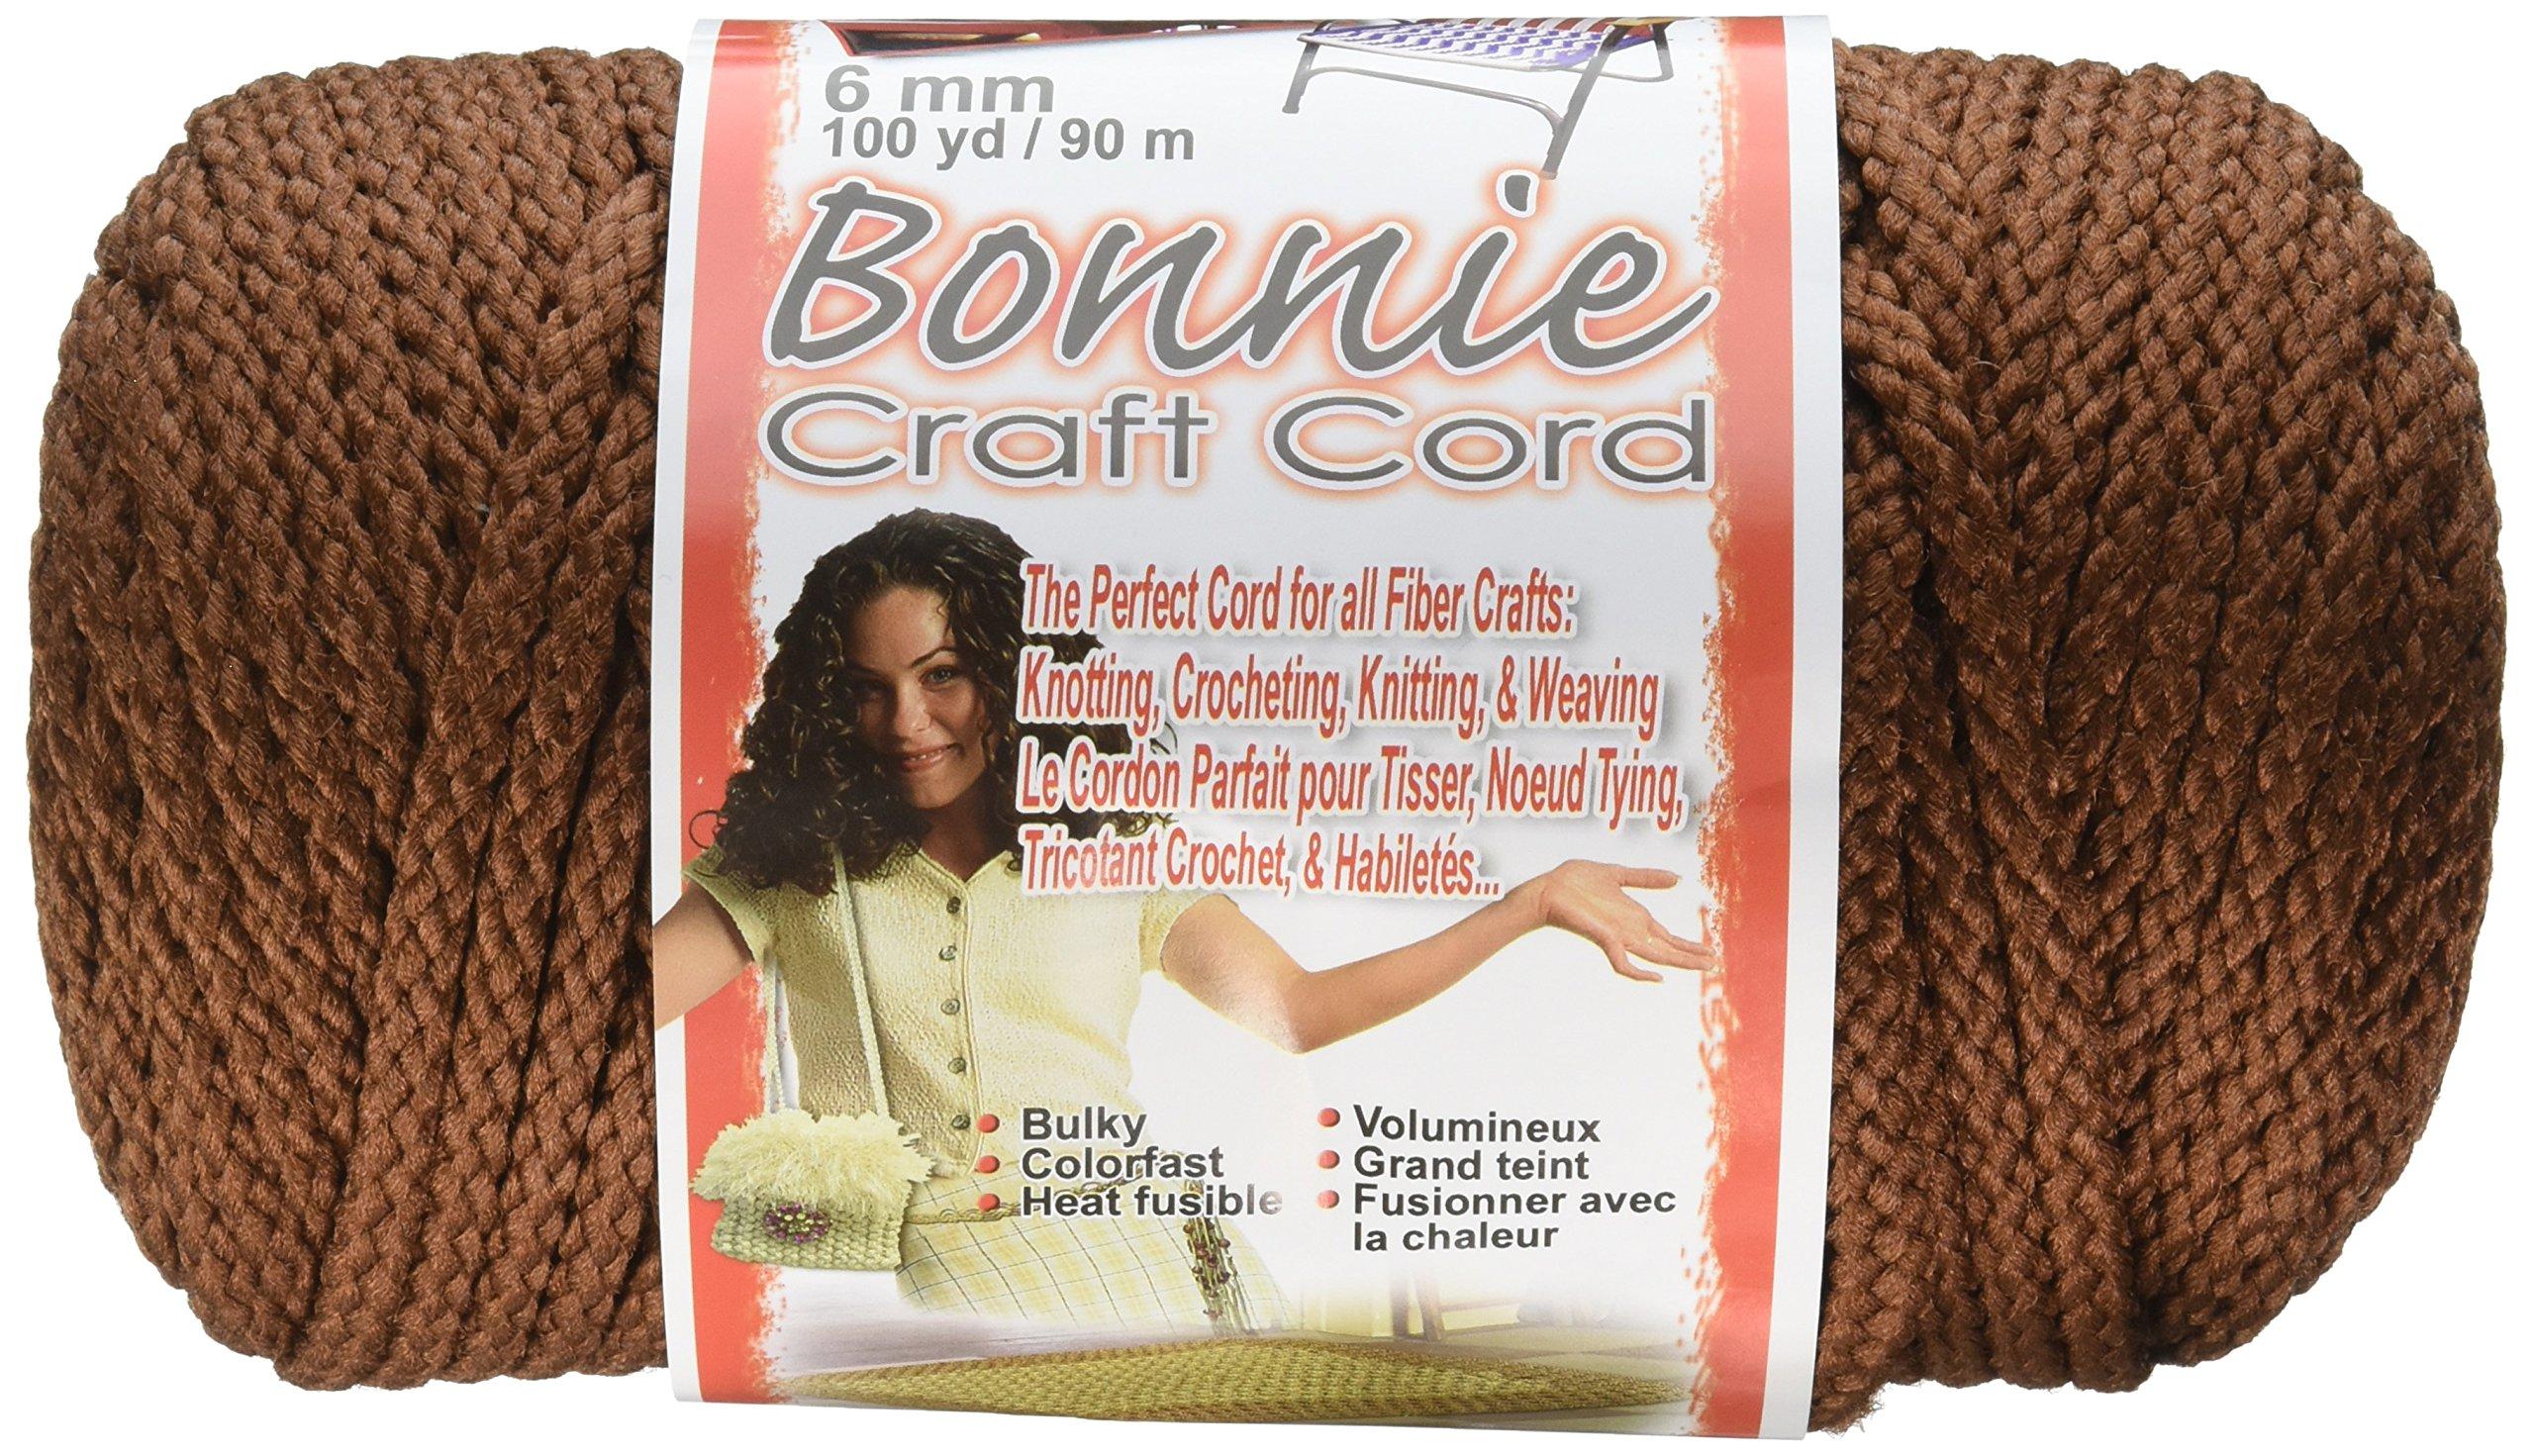 Bonnie craft cord 6mm - Pepperell Bonnie Macrame Craft Cord 6mm 100 Yard Almond